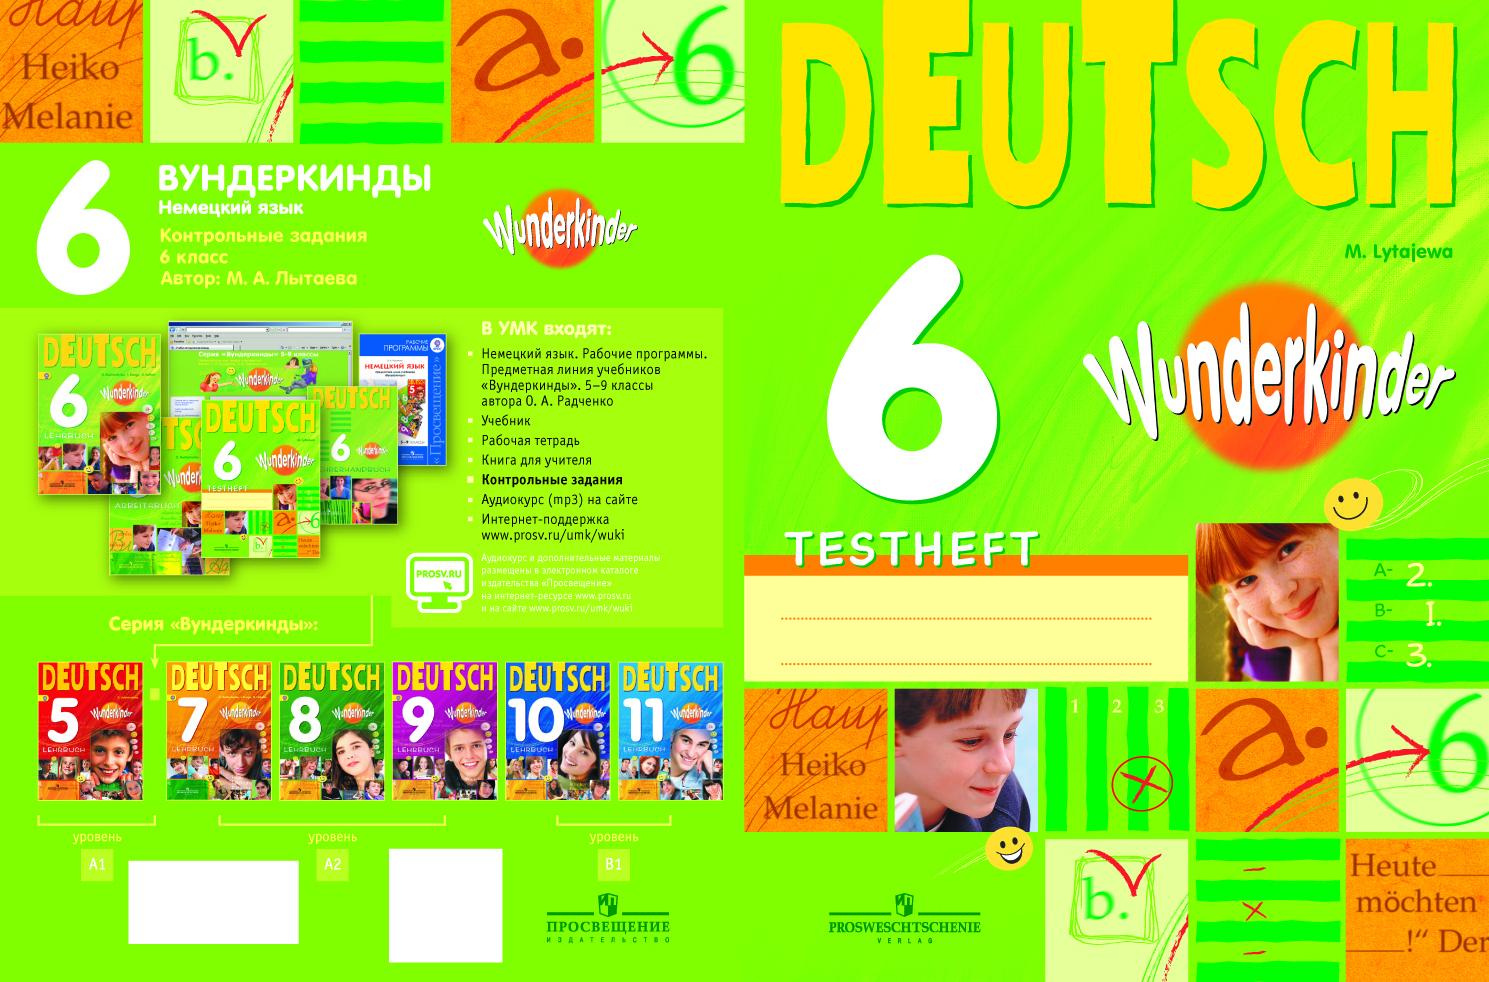 Вундеркинды Немецкий язык класс Контрольные задания Книги  Вундеркинды Немецкий язык 6 класс Контрольные задания